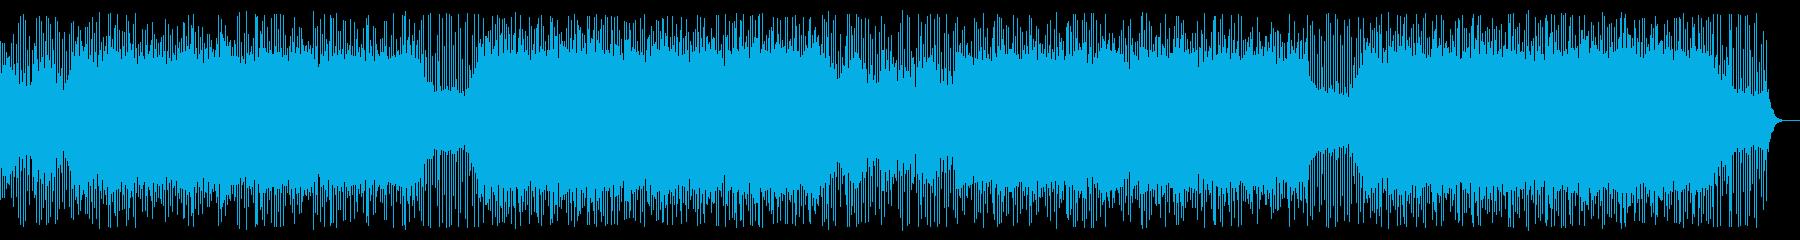 ピラミッドや遺跡の様な怪しいBGMの再生済みの波形